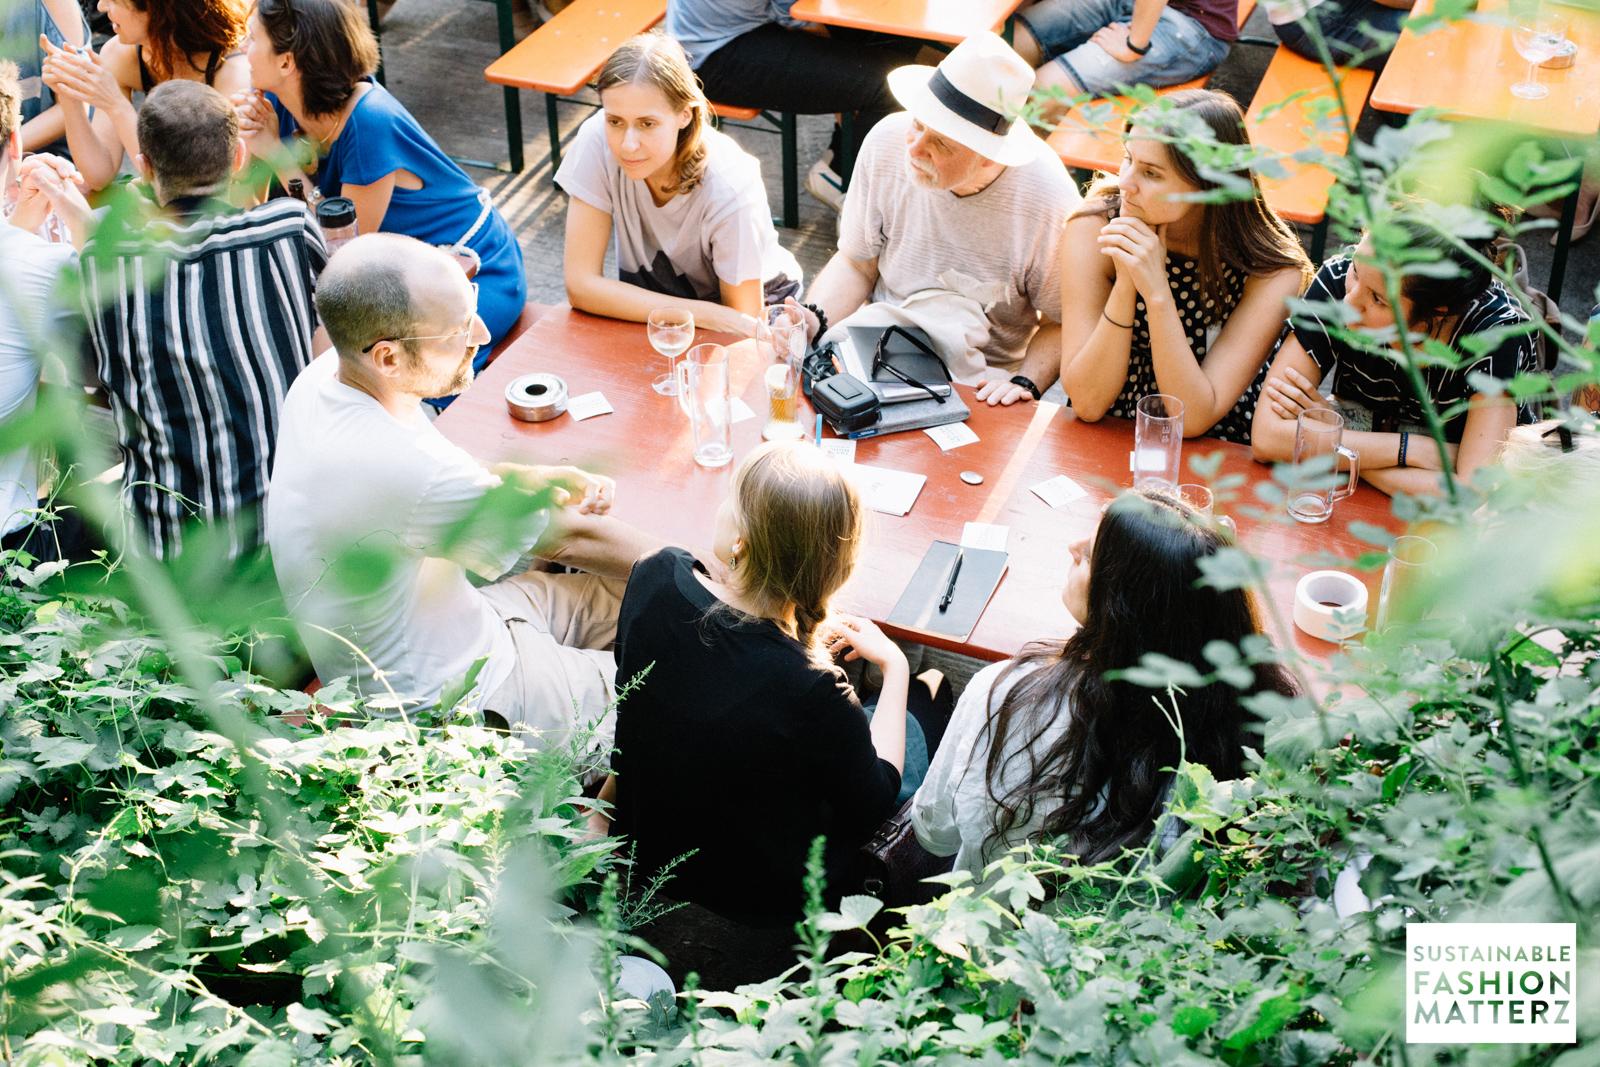 textilstammtisch-berlin-sustainable-fashion-meetup-38.jpg